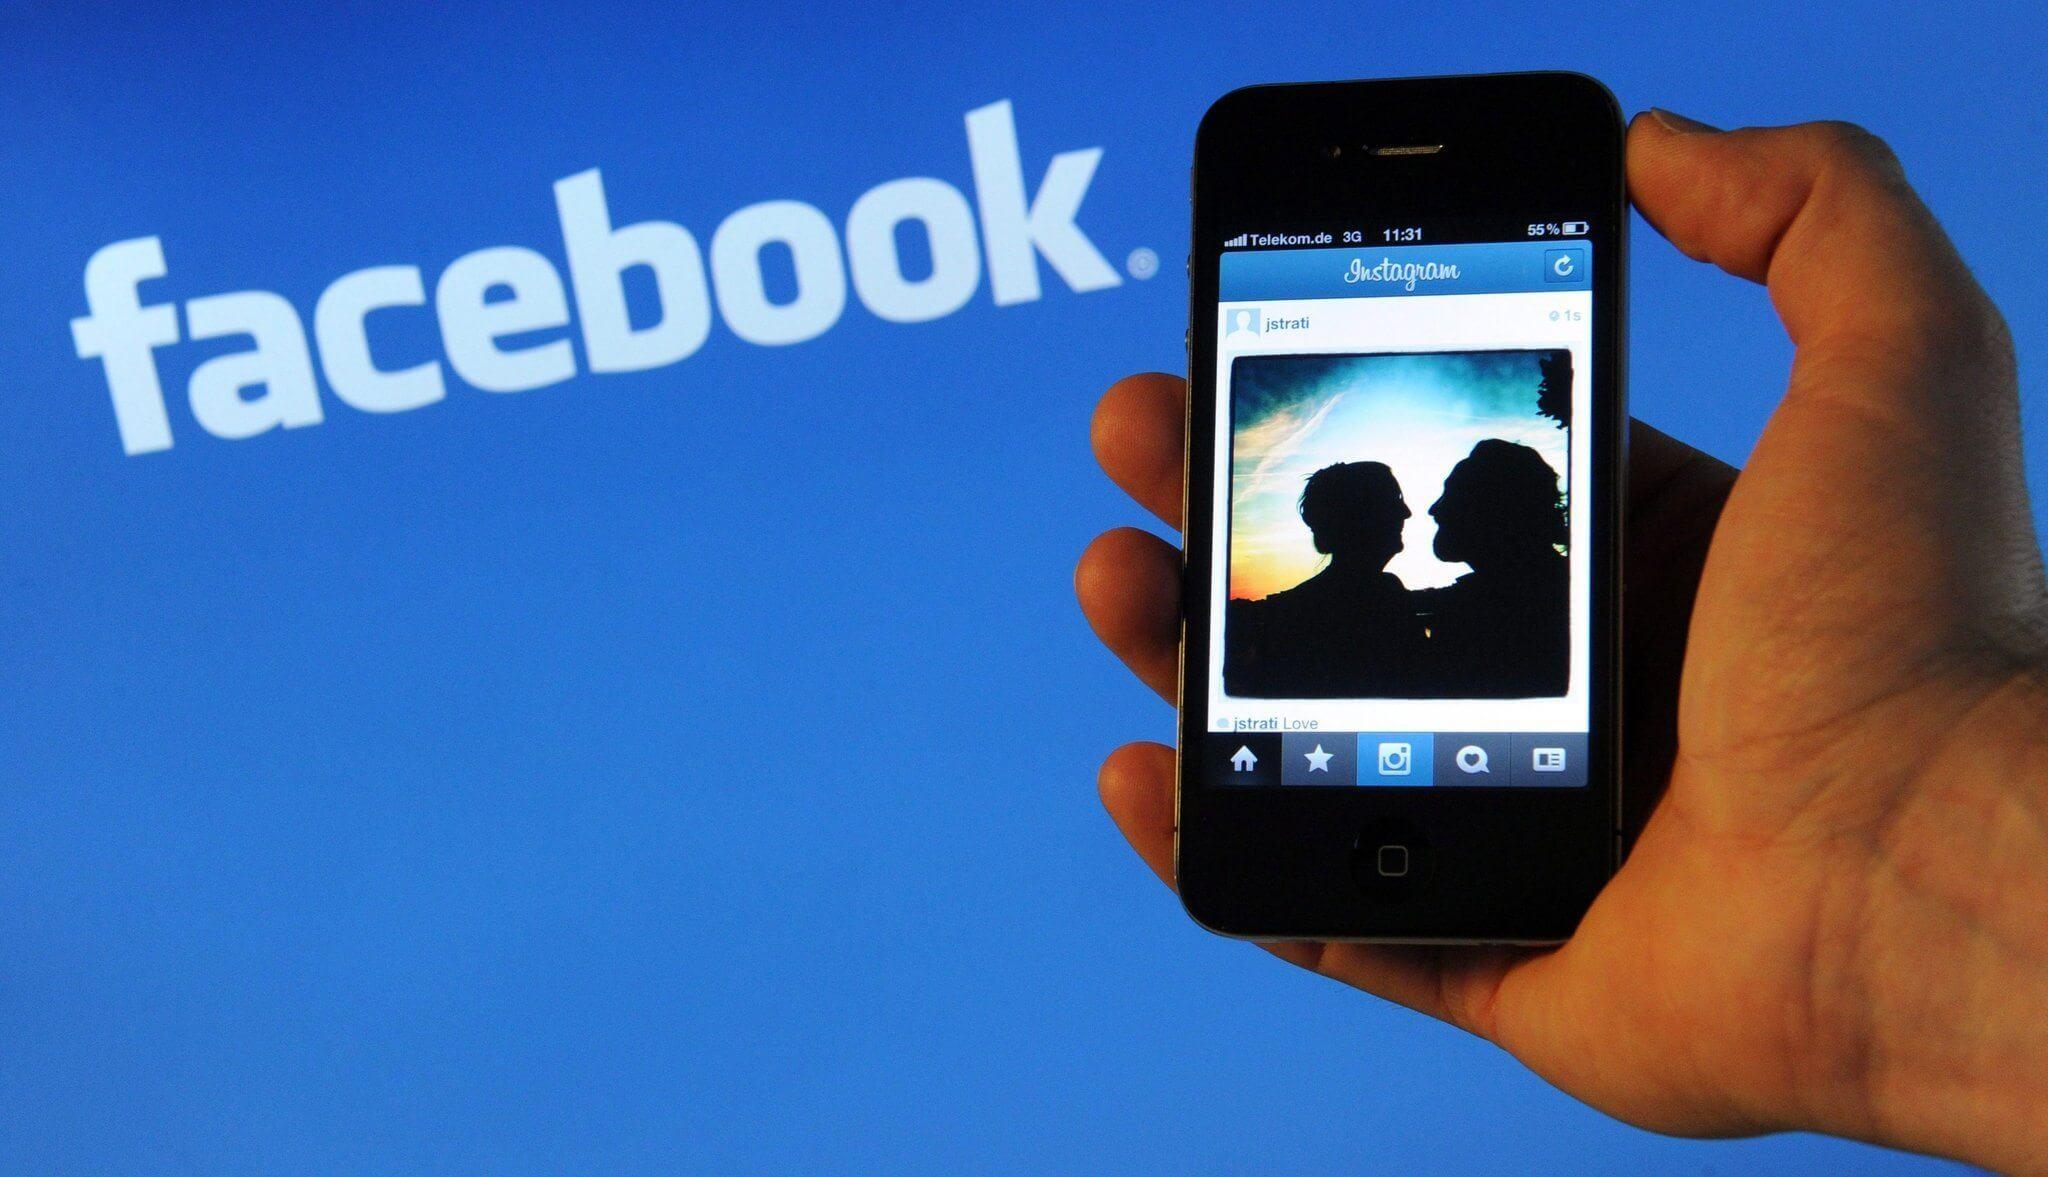 Facebook começa a testar o Photo Magic para facilitar o compartilhamento de fotos